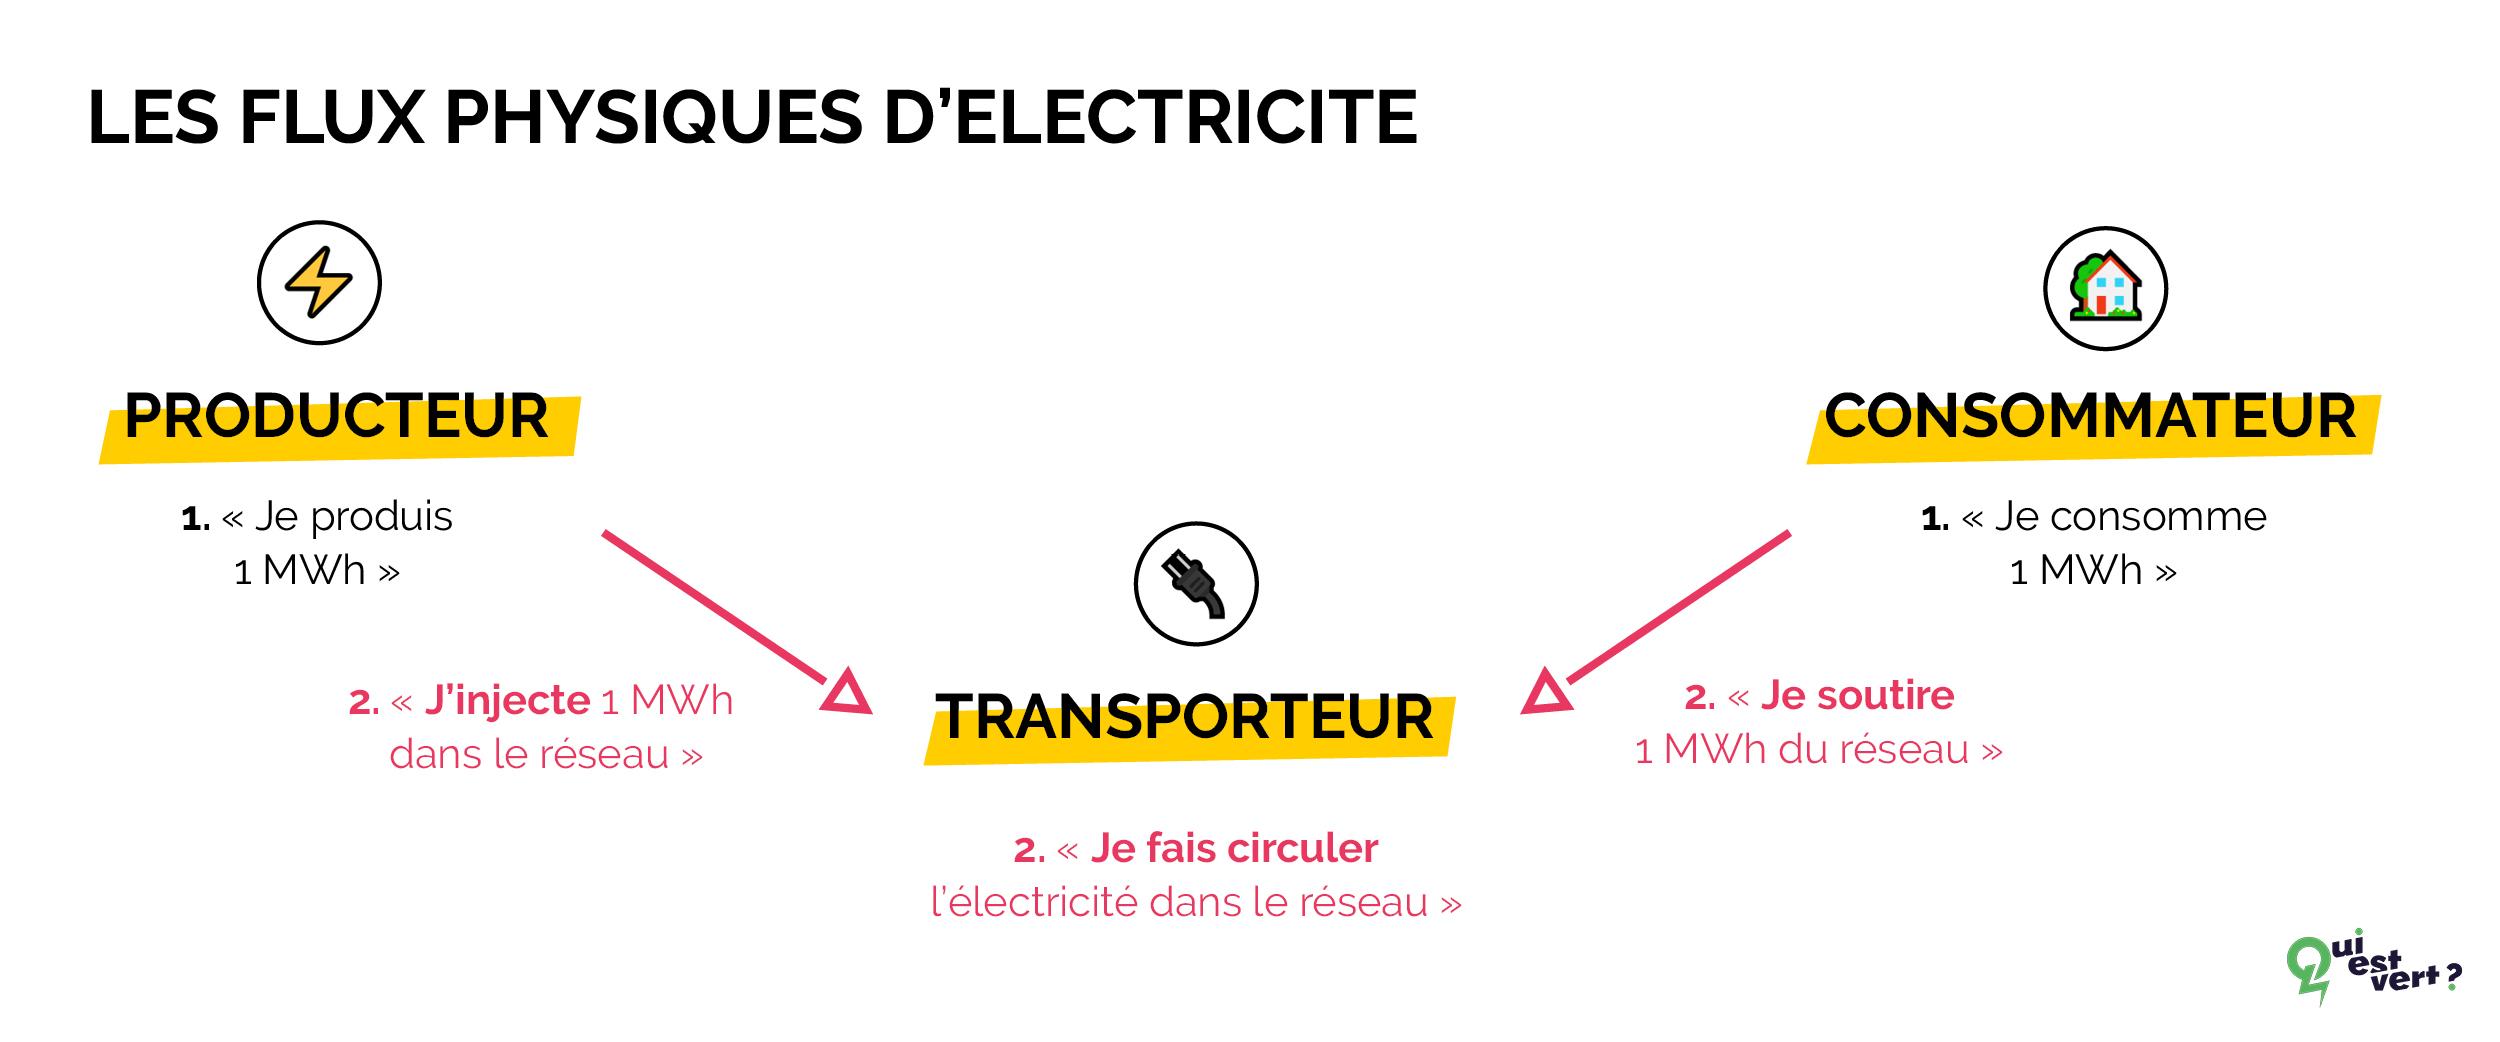 comment fonctionnent les flux physiques d'électricite